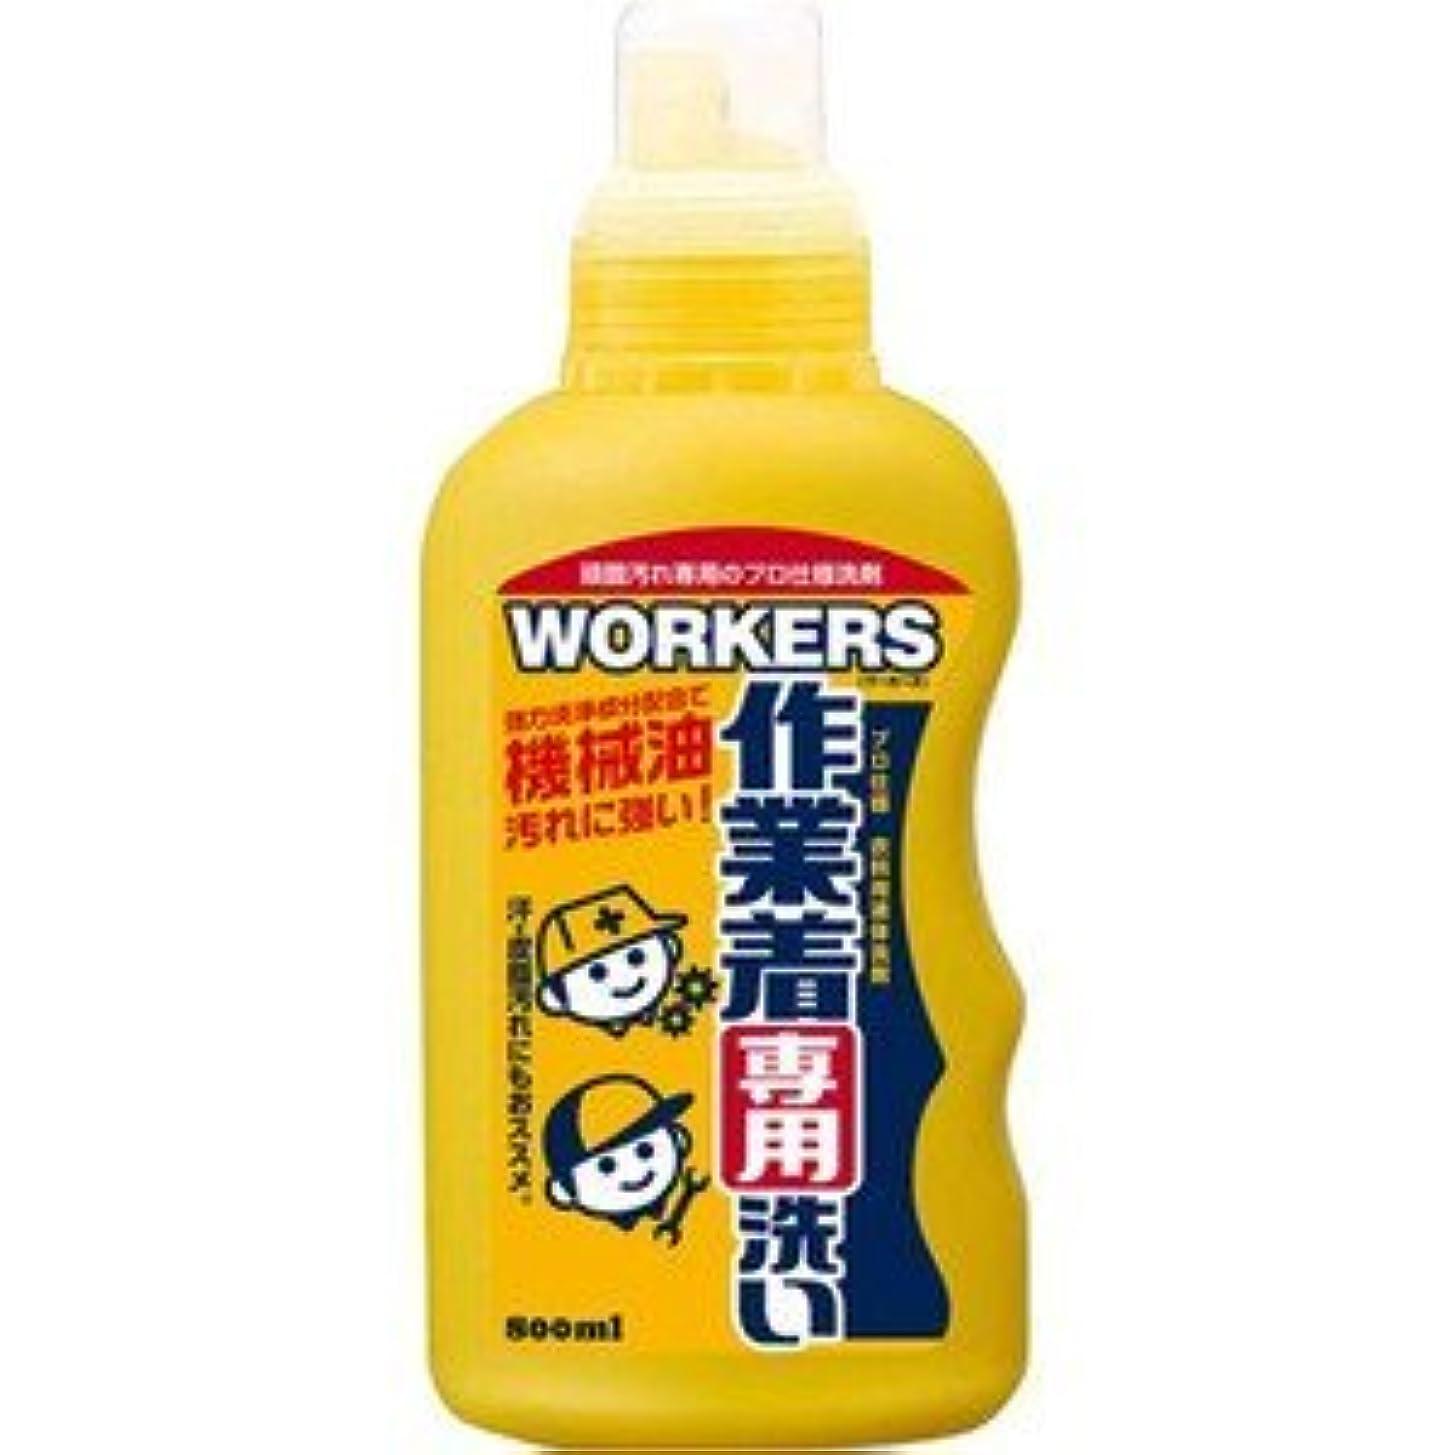 送料肩をすくめるアームストロング(NSファーファ?ジャパン)WORKERS 作業着液体洗剤 本体 800ml(お買い得3個セット)